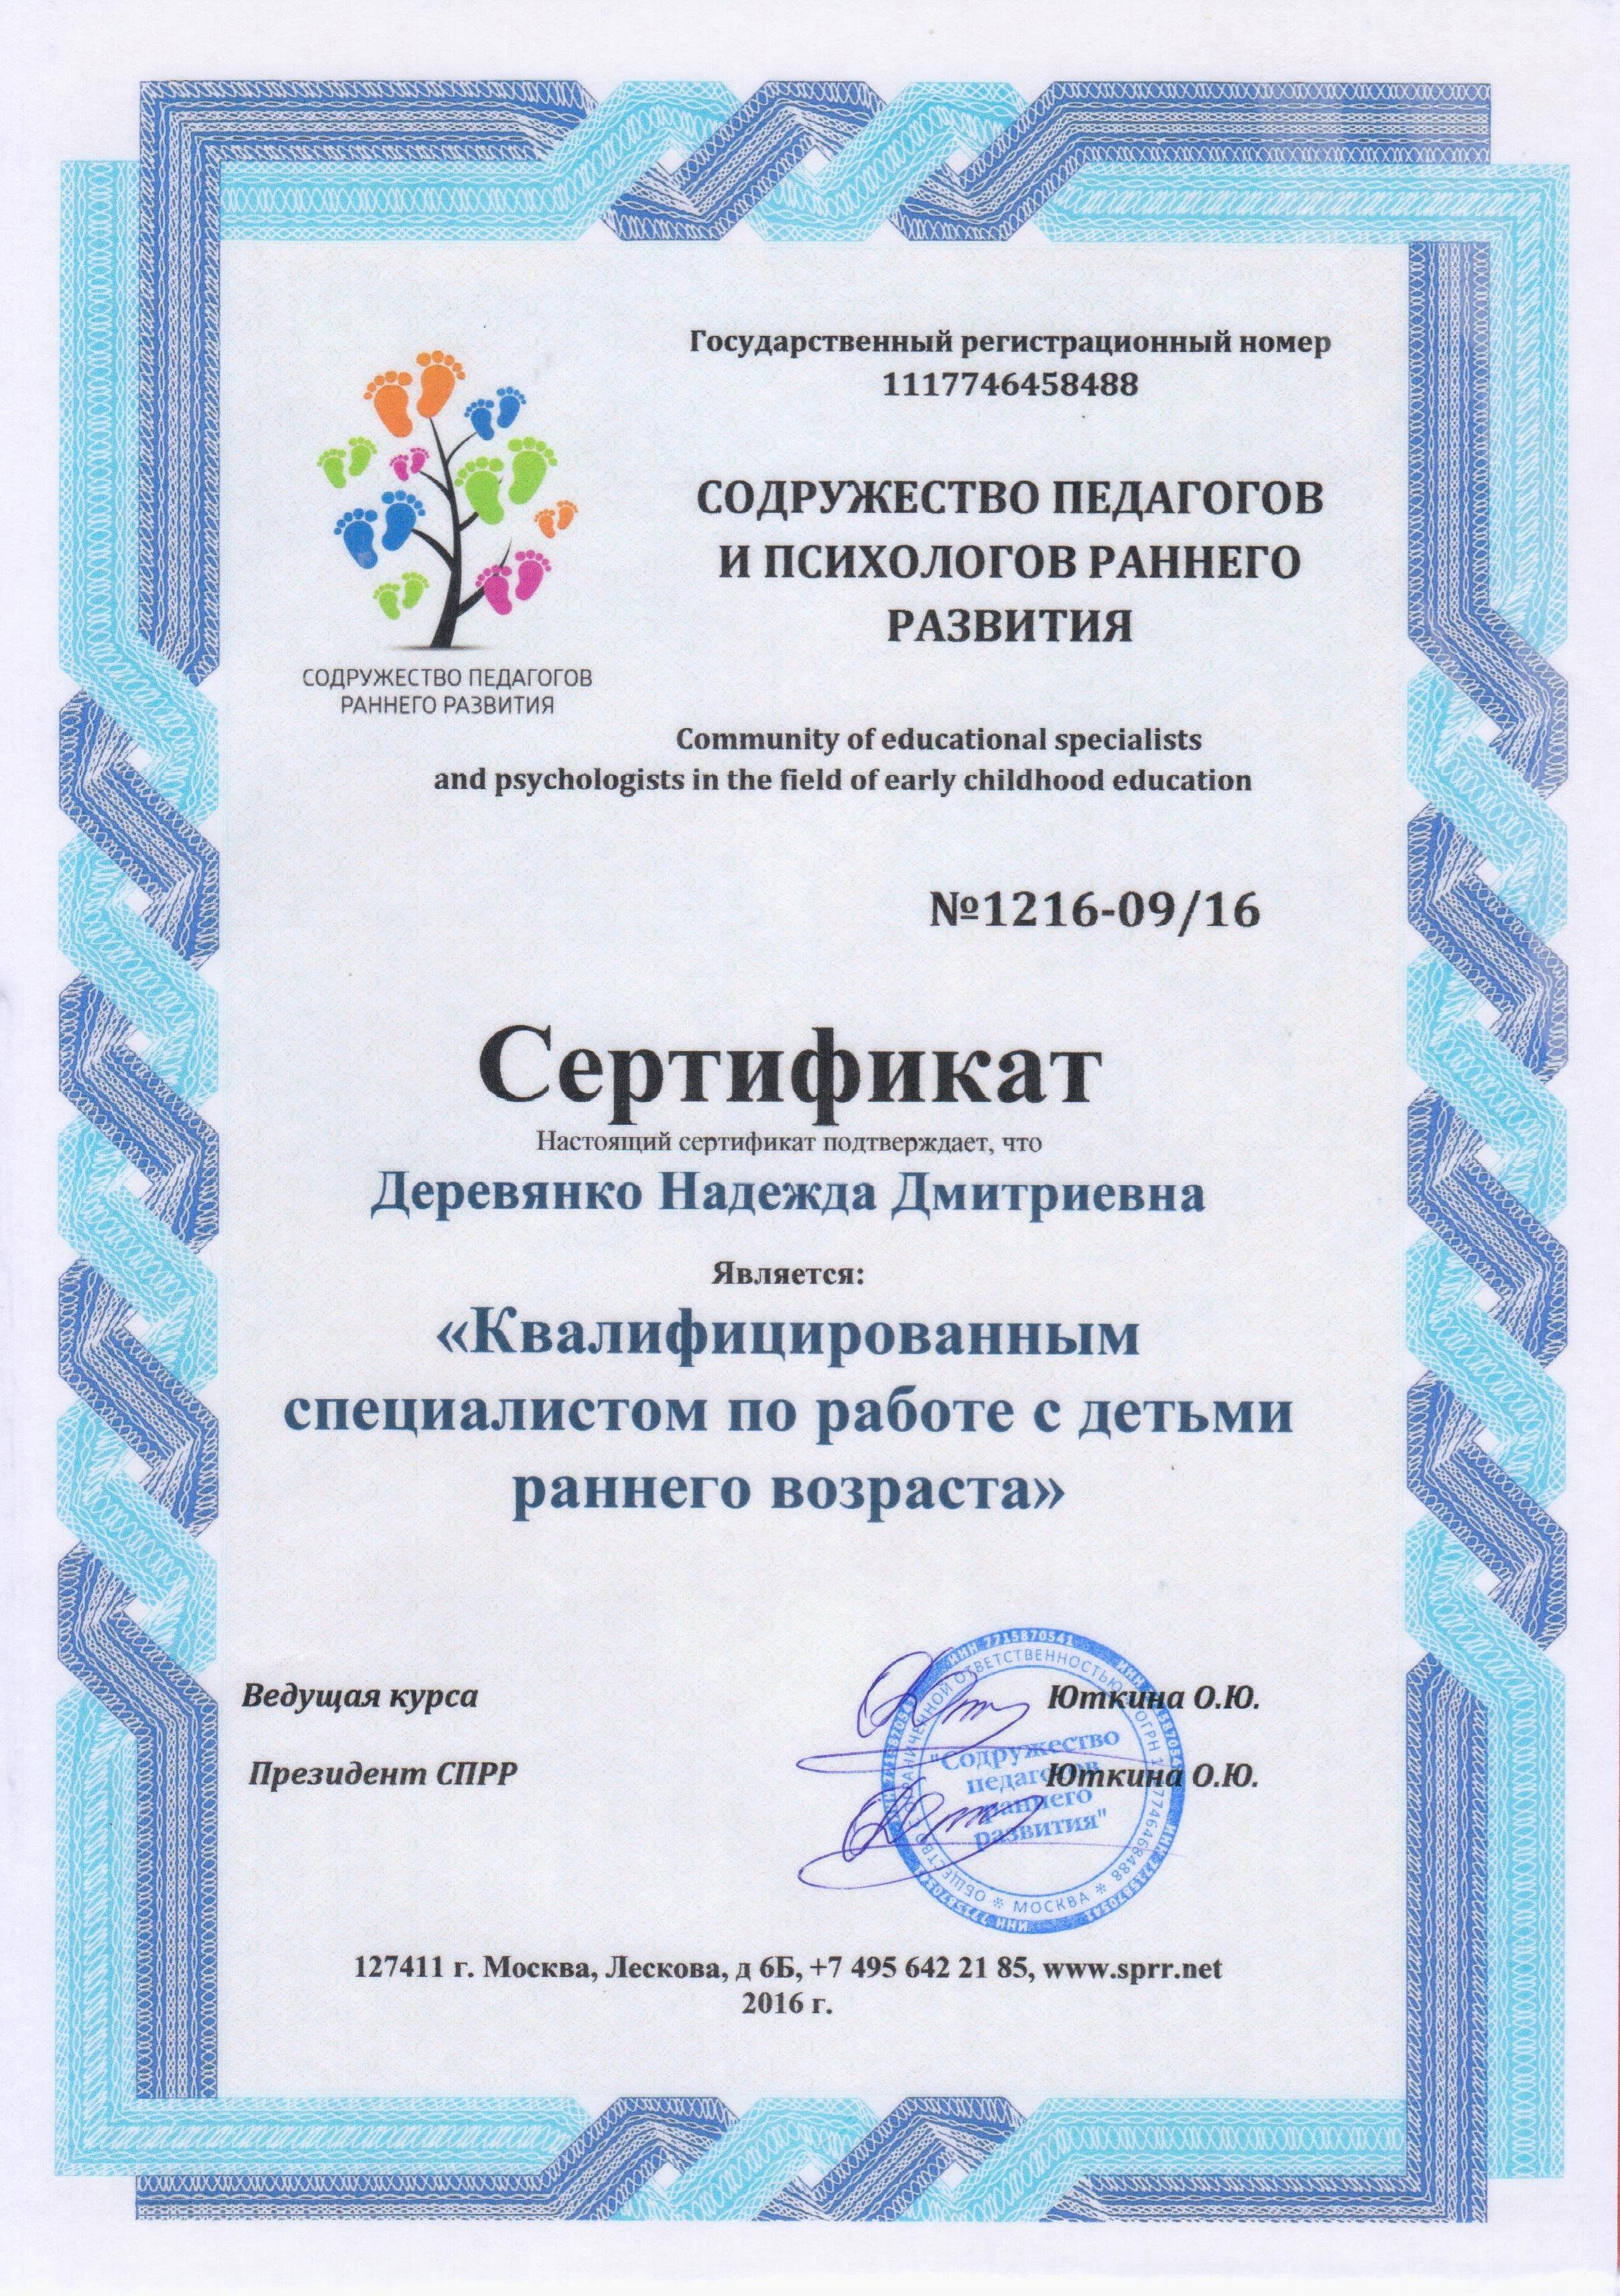 sertifikat-sodruzhestvo-pedagogov-i-psixologov-001